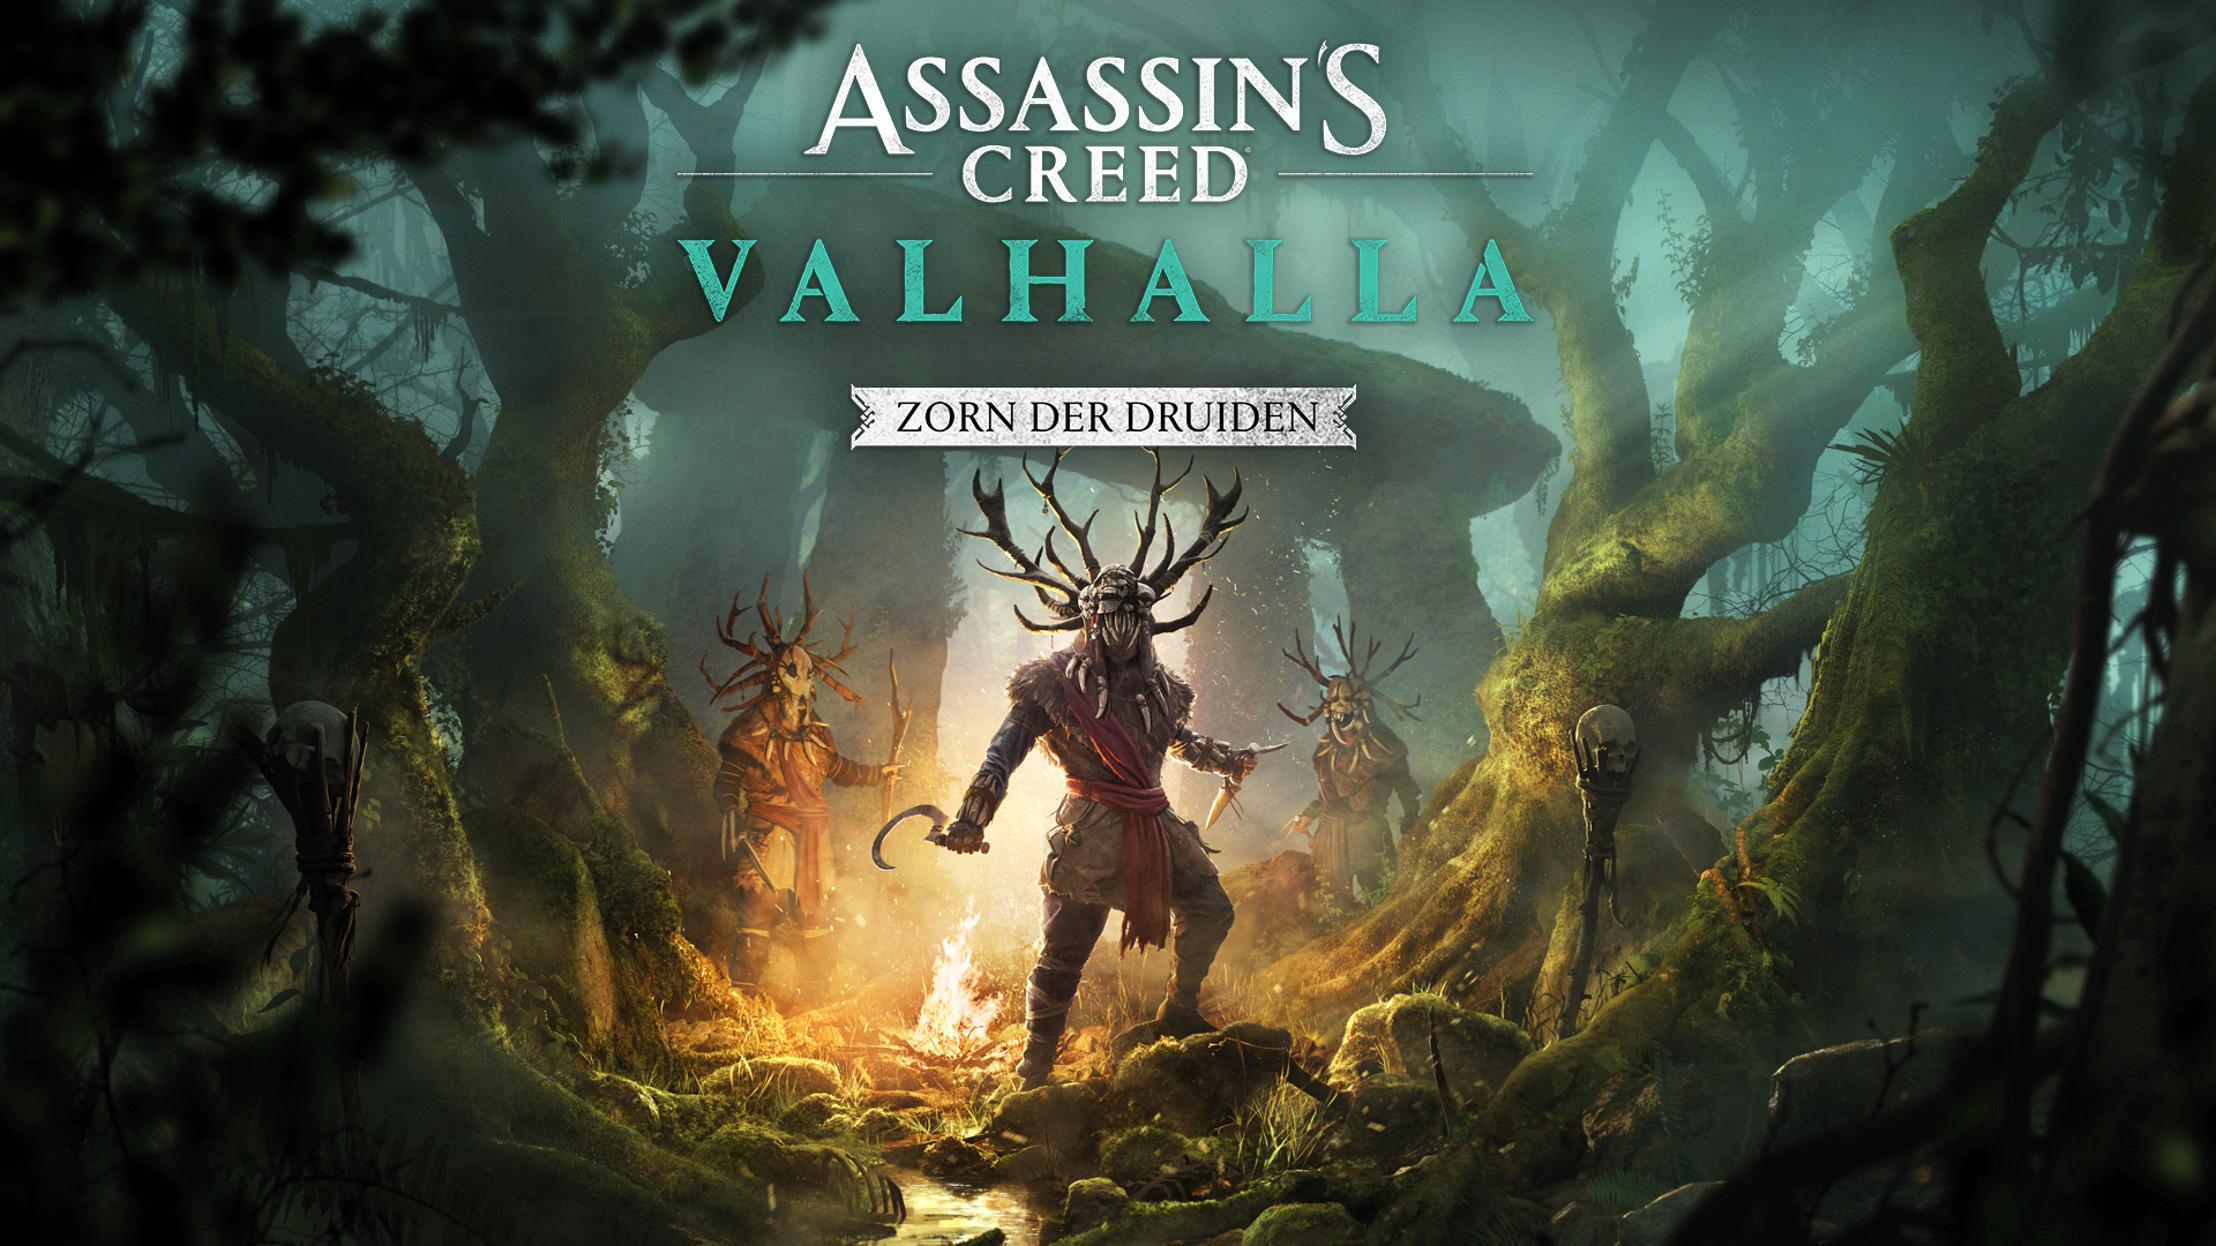 Preview: ASSASSIN'S CREED VALHALLA - ZORN DER DRUIDEN ERSCHEINT AM 29. APRIL, DAS EASTRE-FEST KANN AB SOFORT GEFEIERT WERDEN